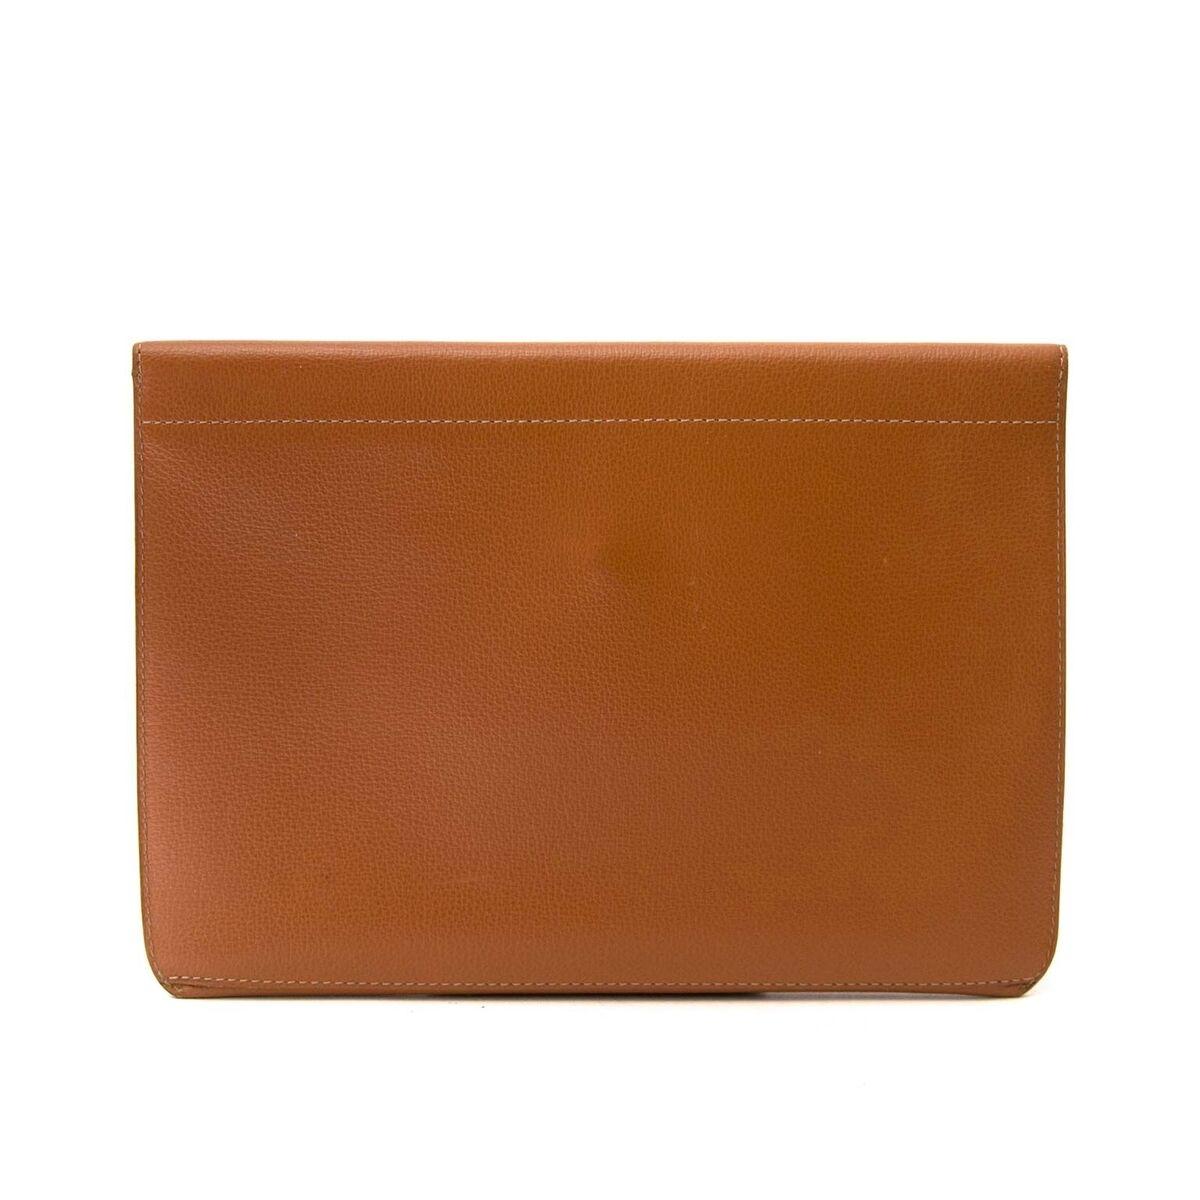 Koop authentieke tweedehands Delvaux bags aan een eerlijke prijs bij LabelLOV. Veilig online shoppen.